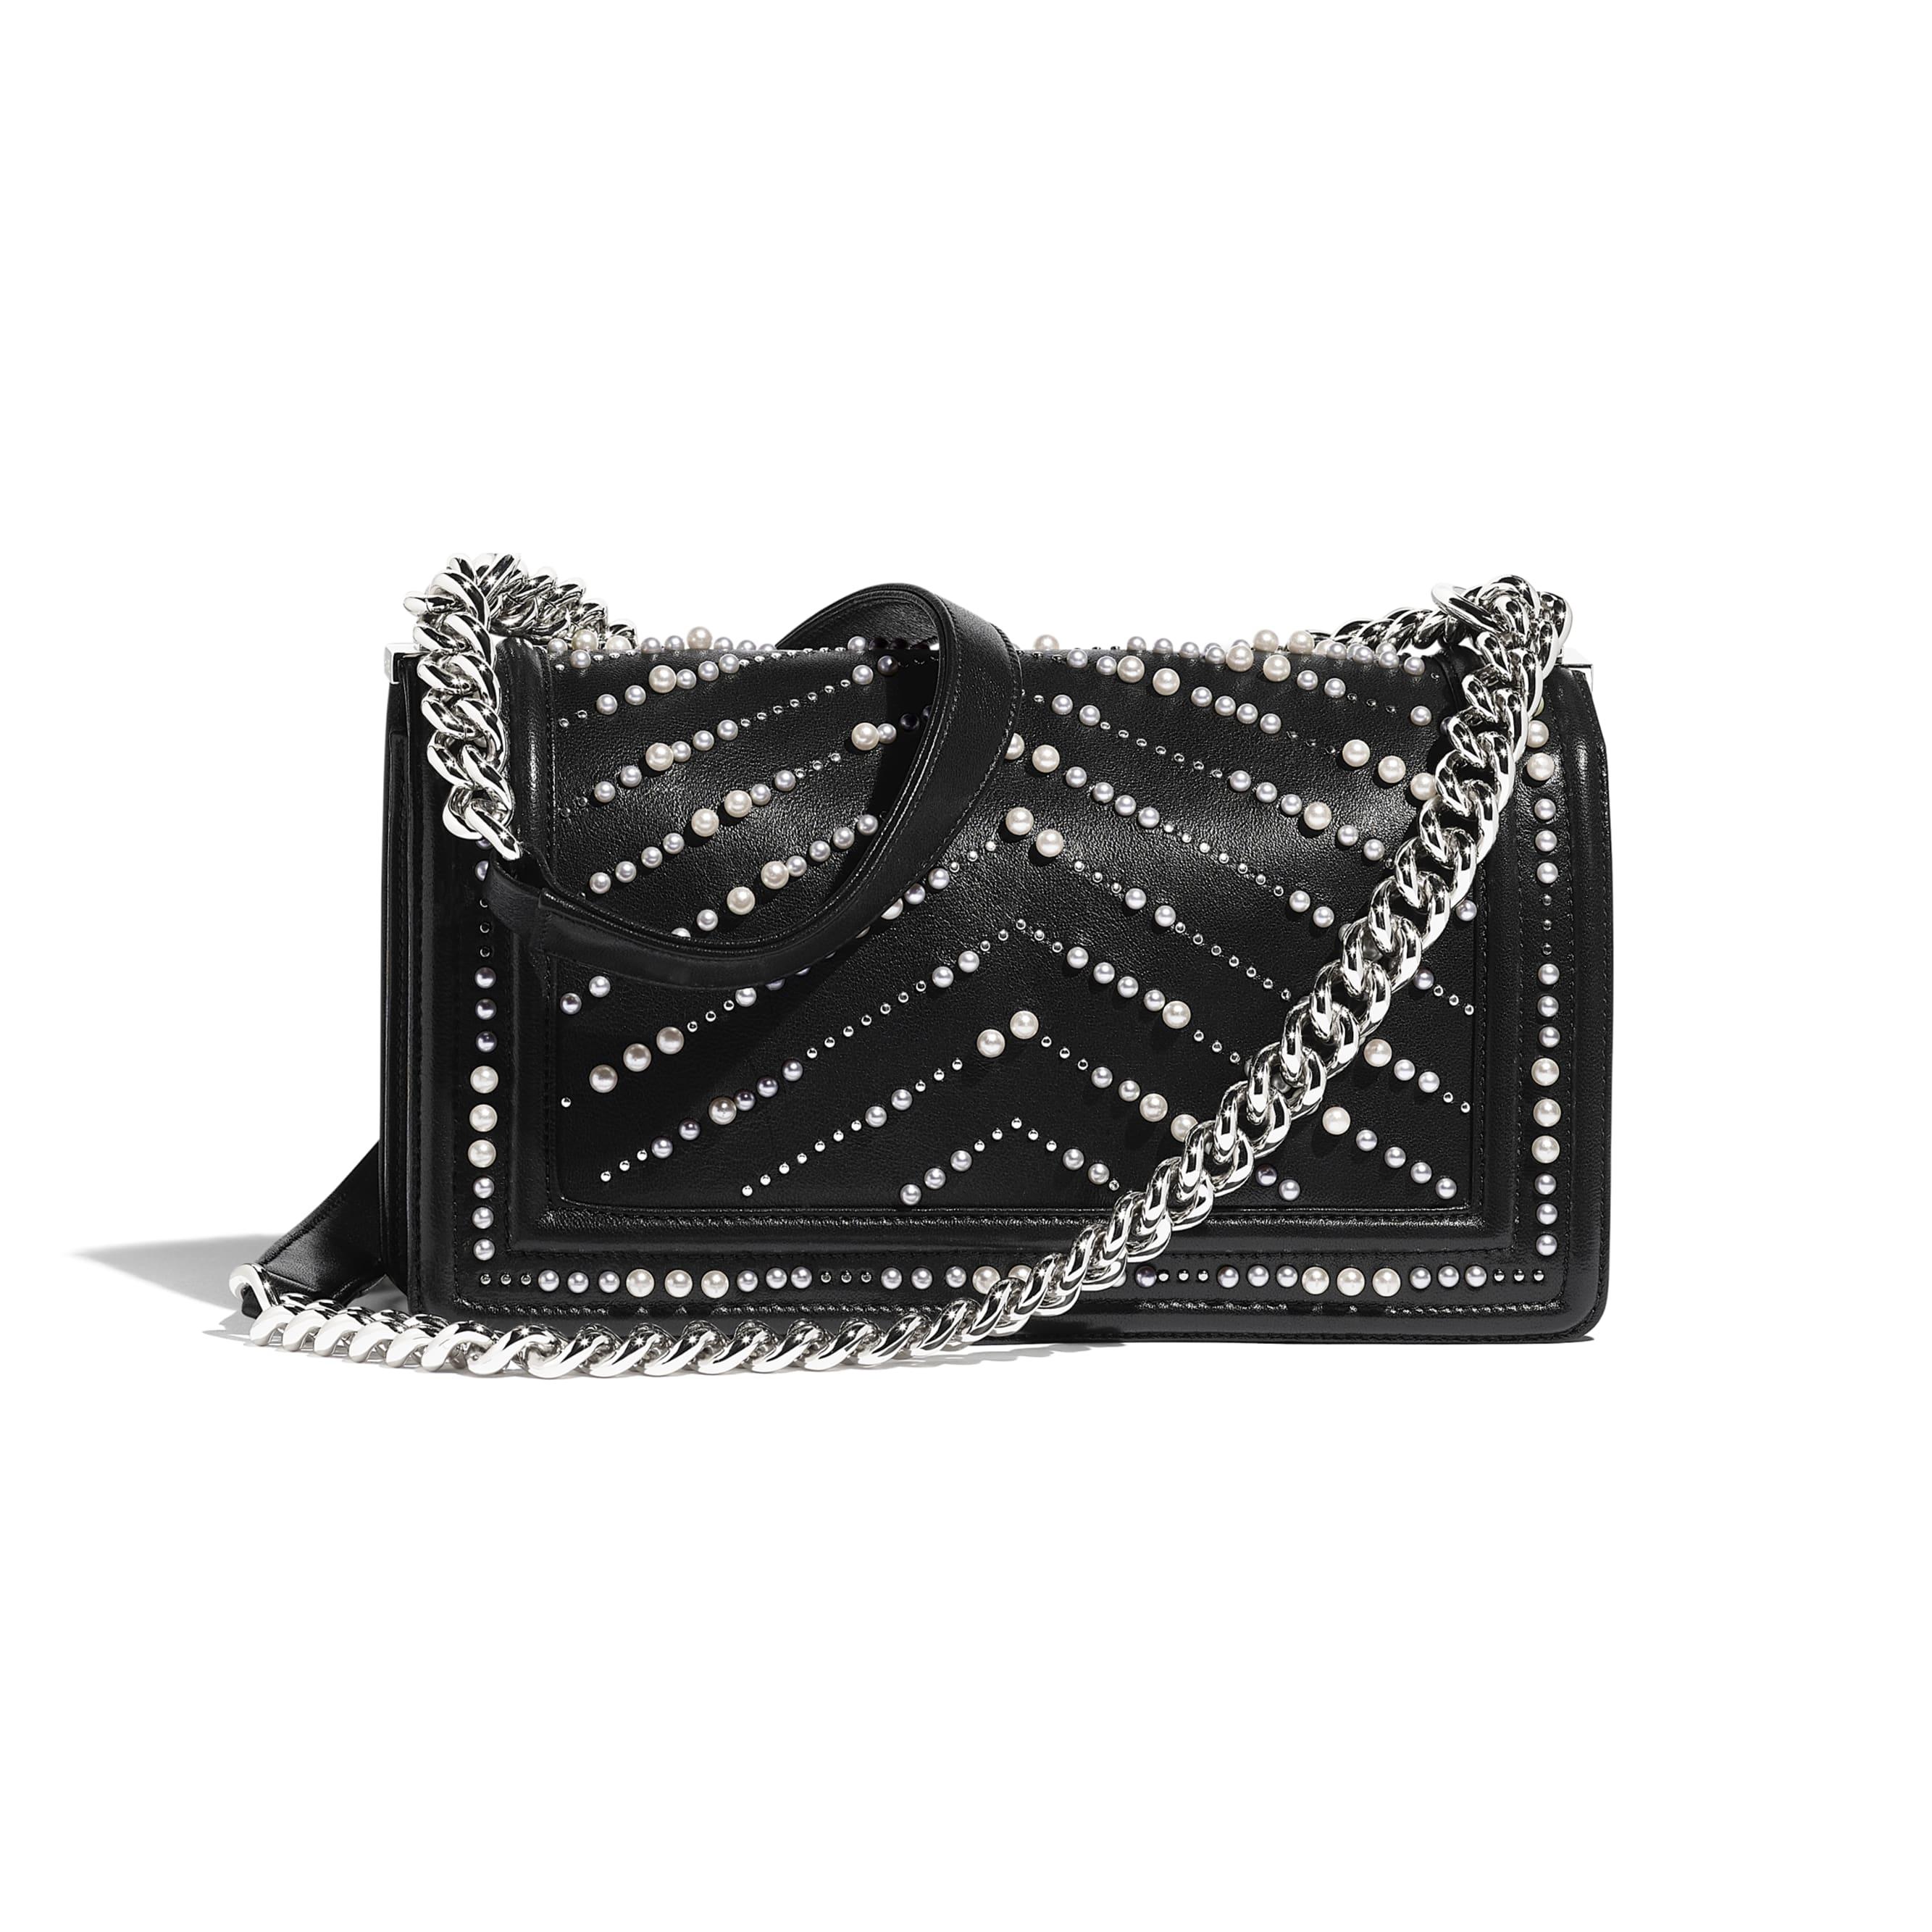 BOY CHANEL手袋 - 黑色 - 小牛皮、仿珍珠及銀色金屬 - CHANEL - 替代視圖 - 查看標準尺寸版本